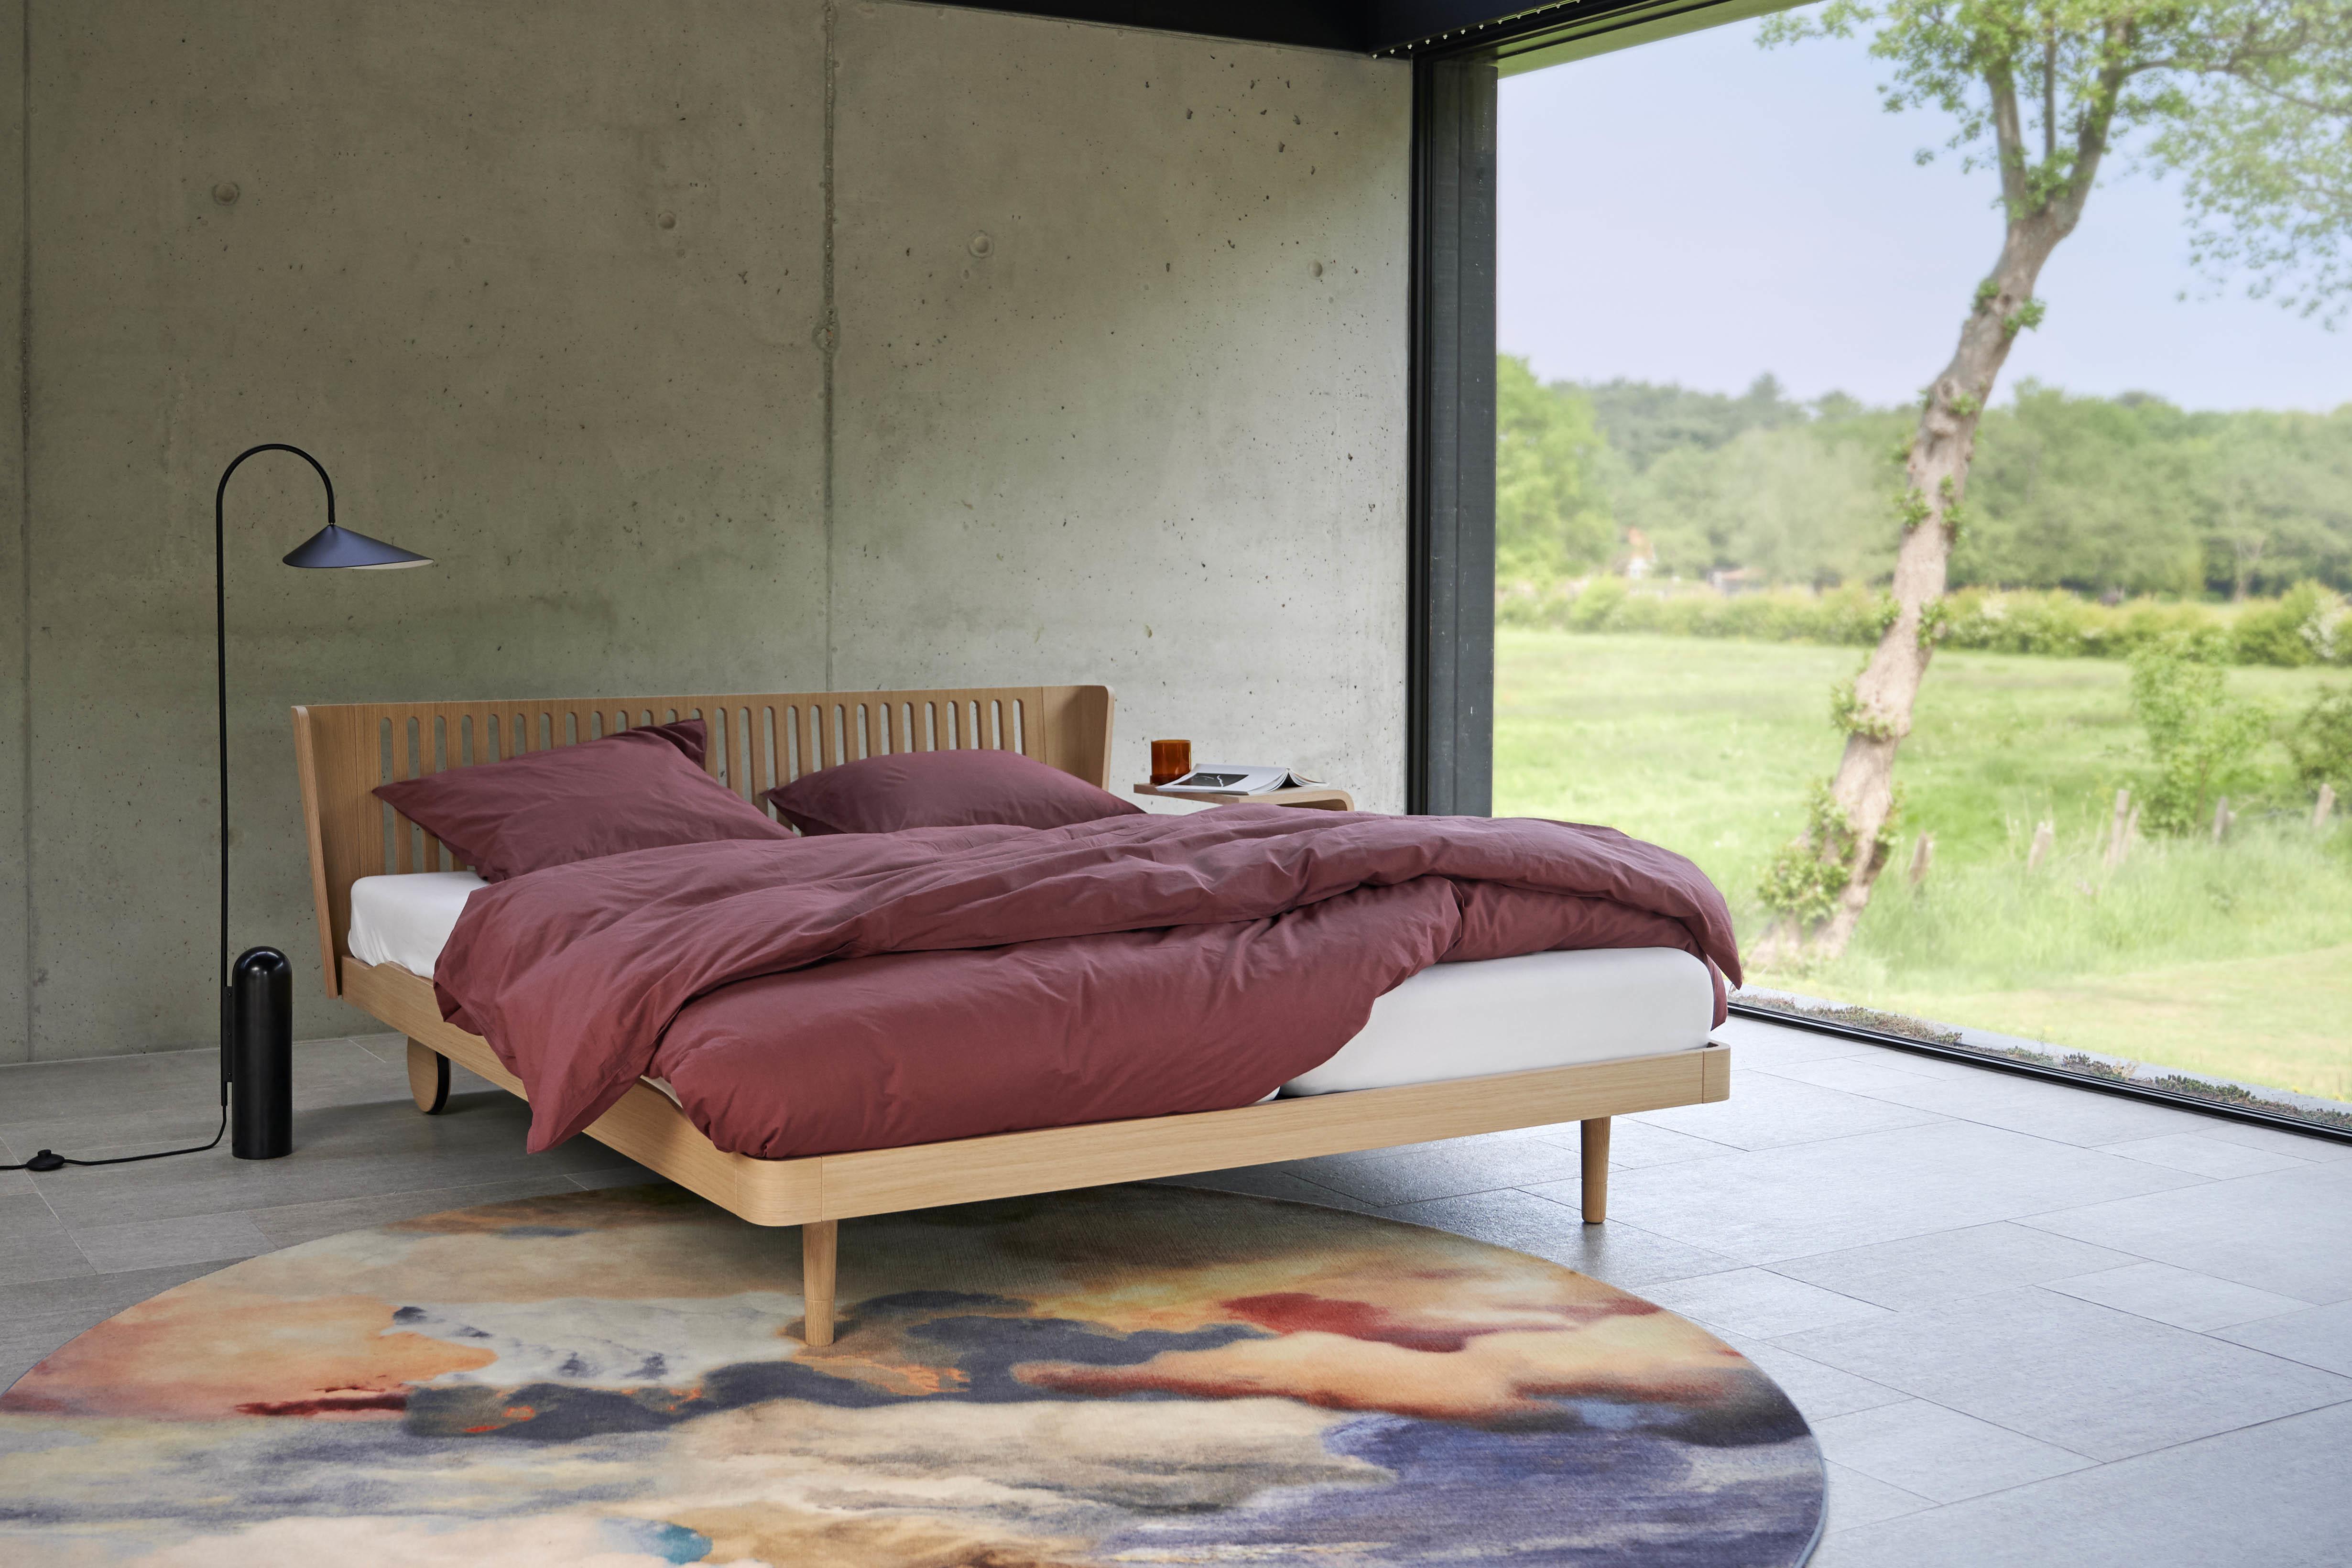 Noa bed in bedroom